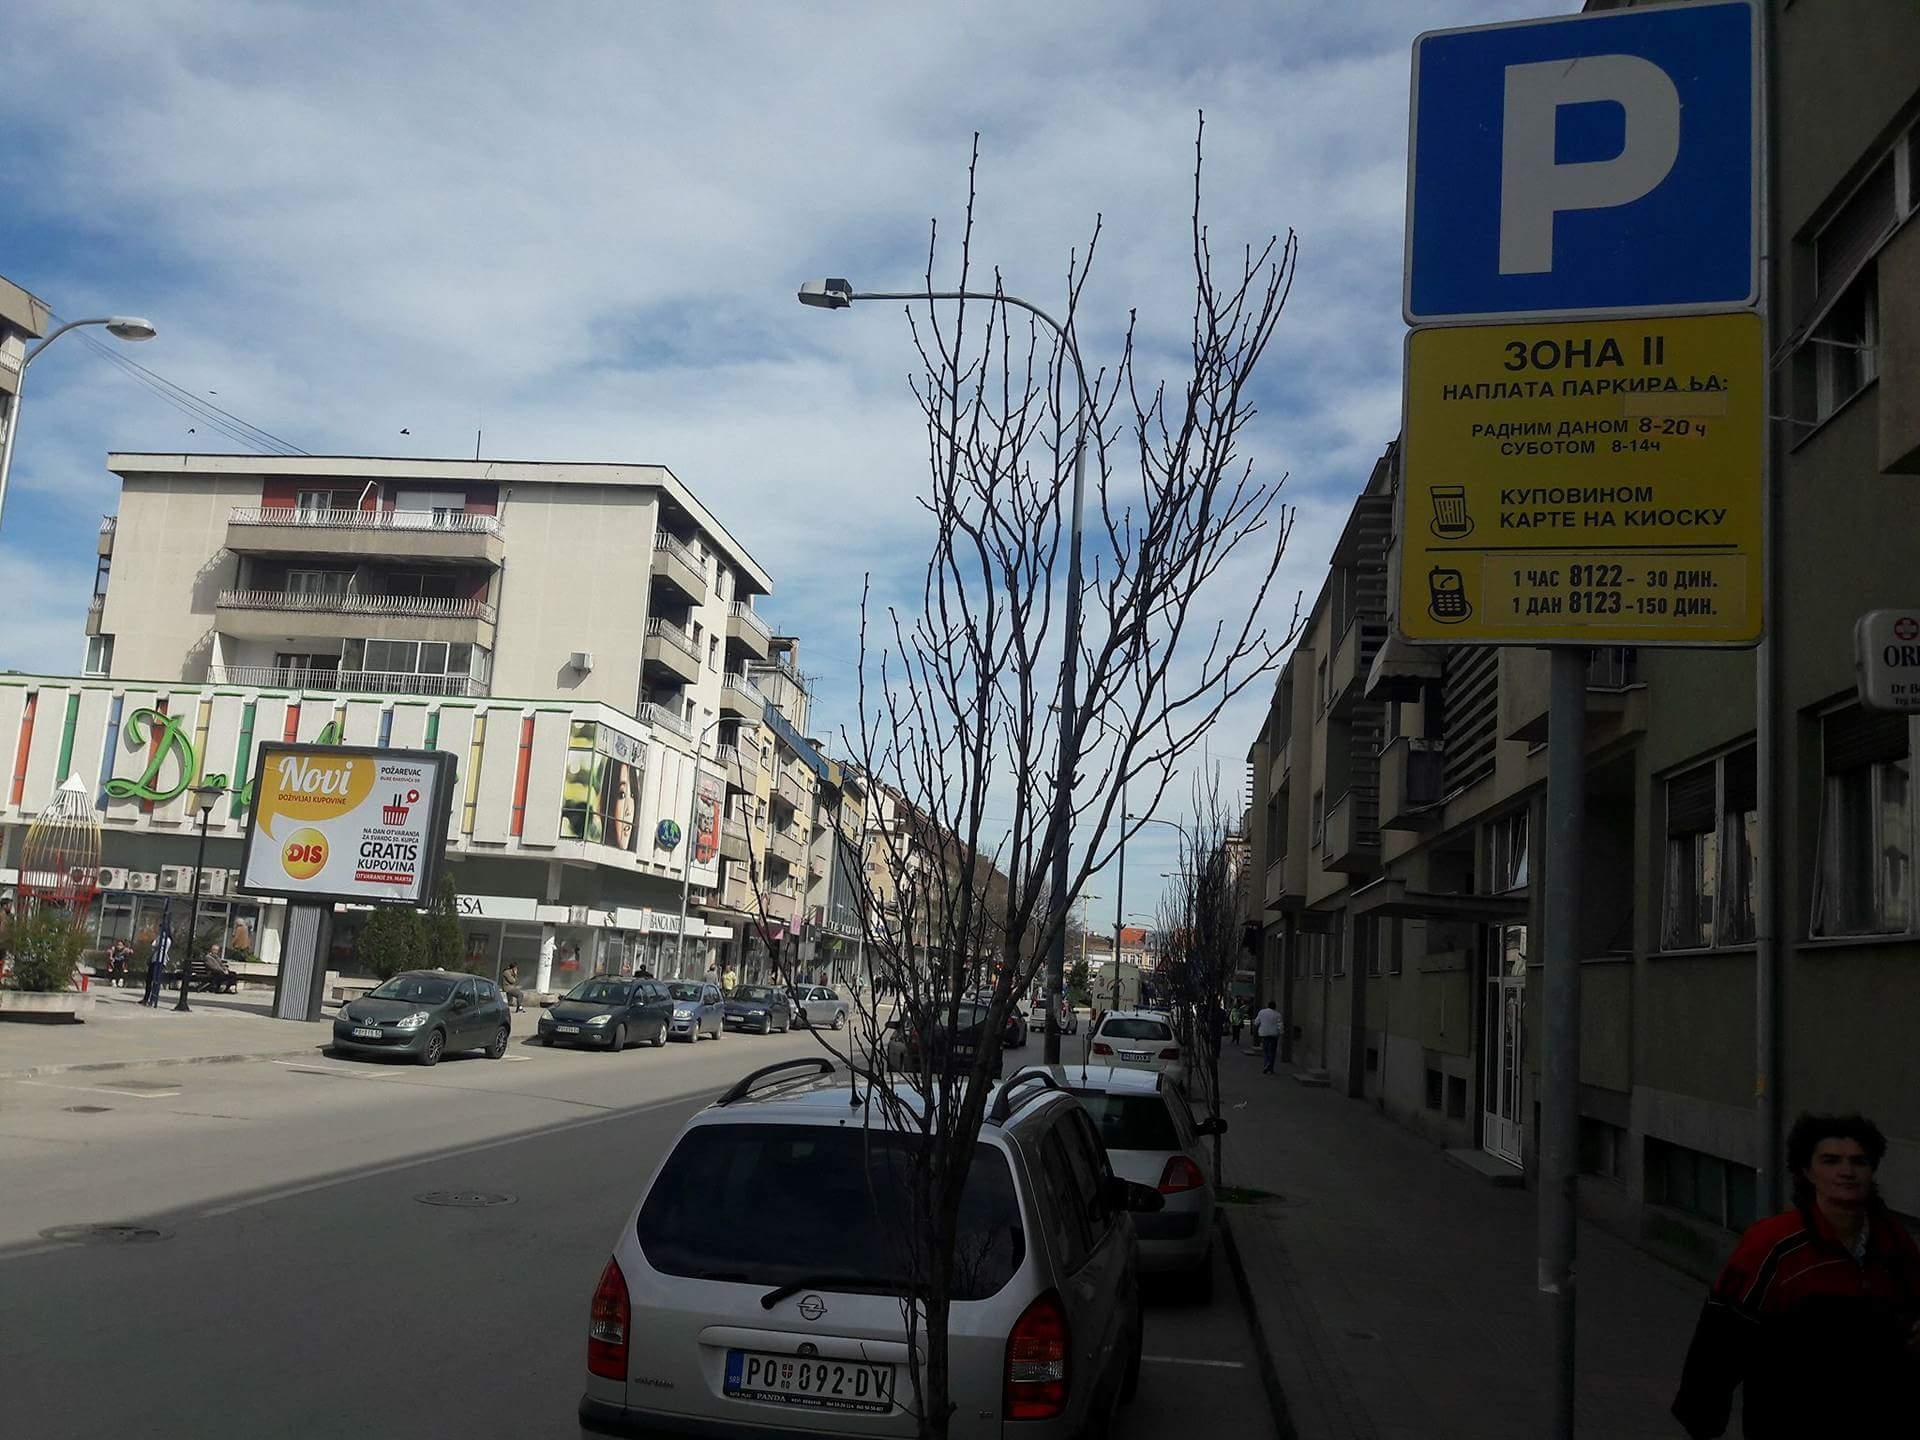 Bez naplaćivanja parkinga za vreme praznika 6612